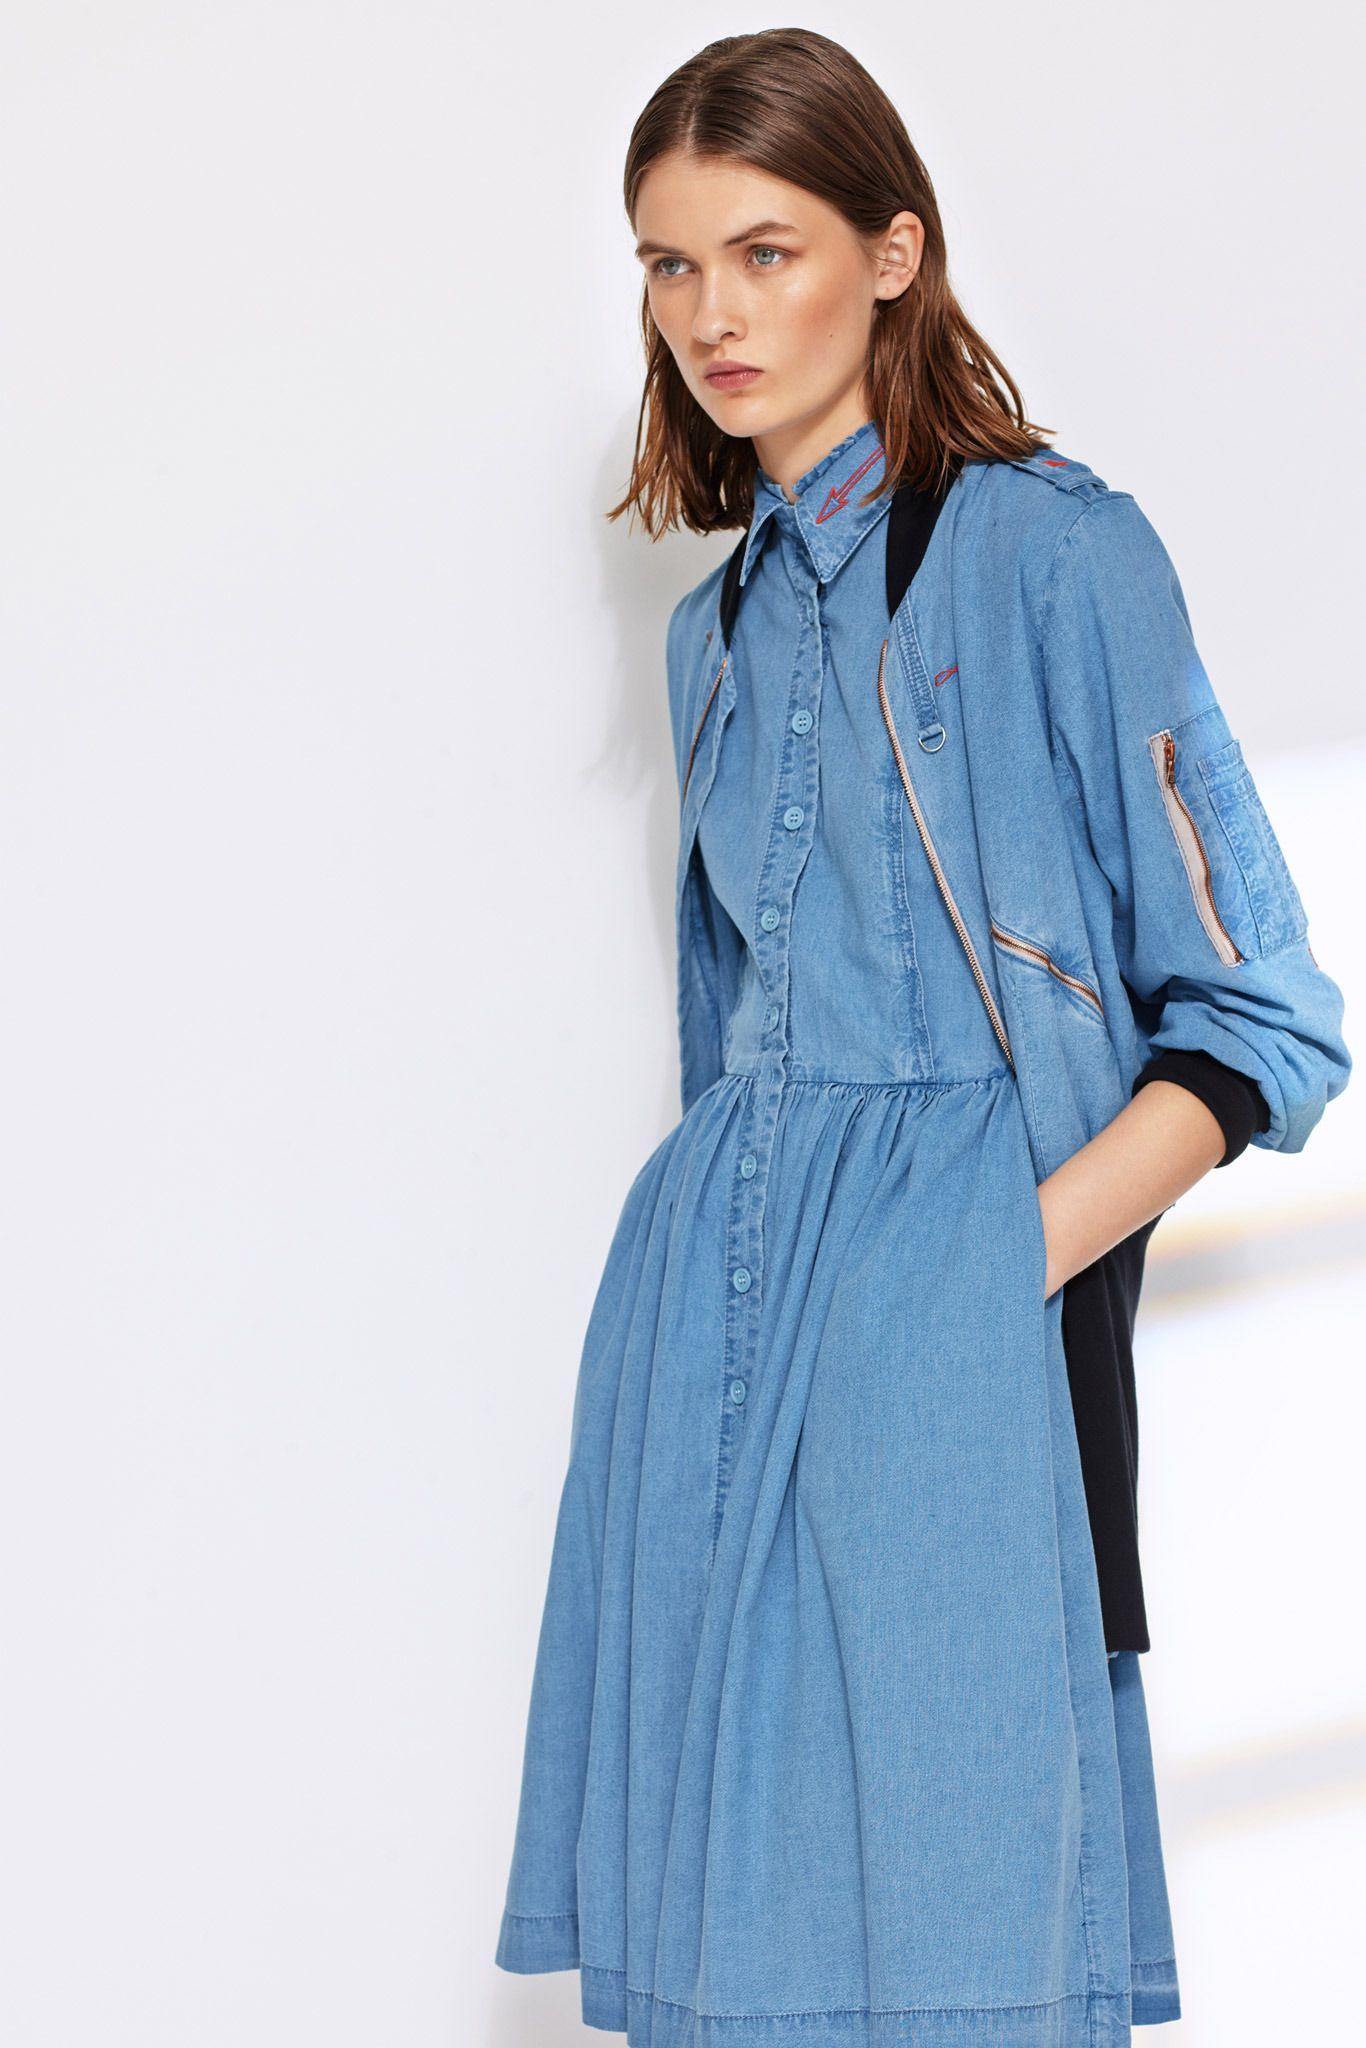 Оригинальное джинсовое платье на каждый день